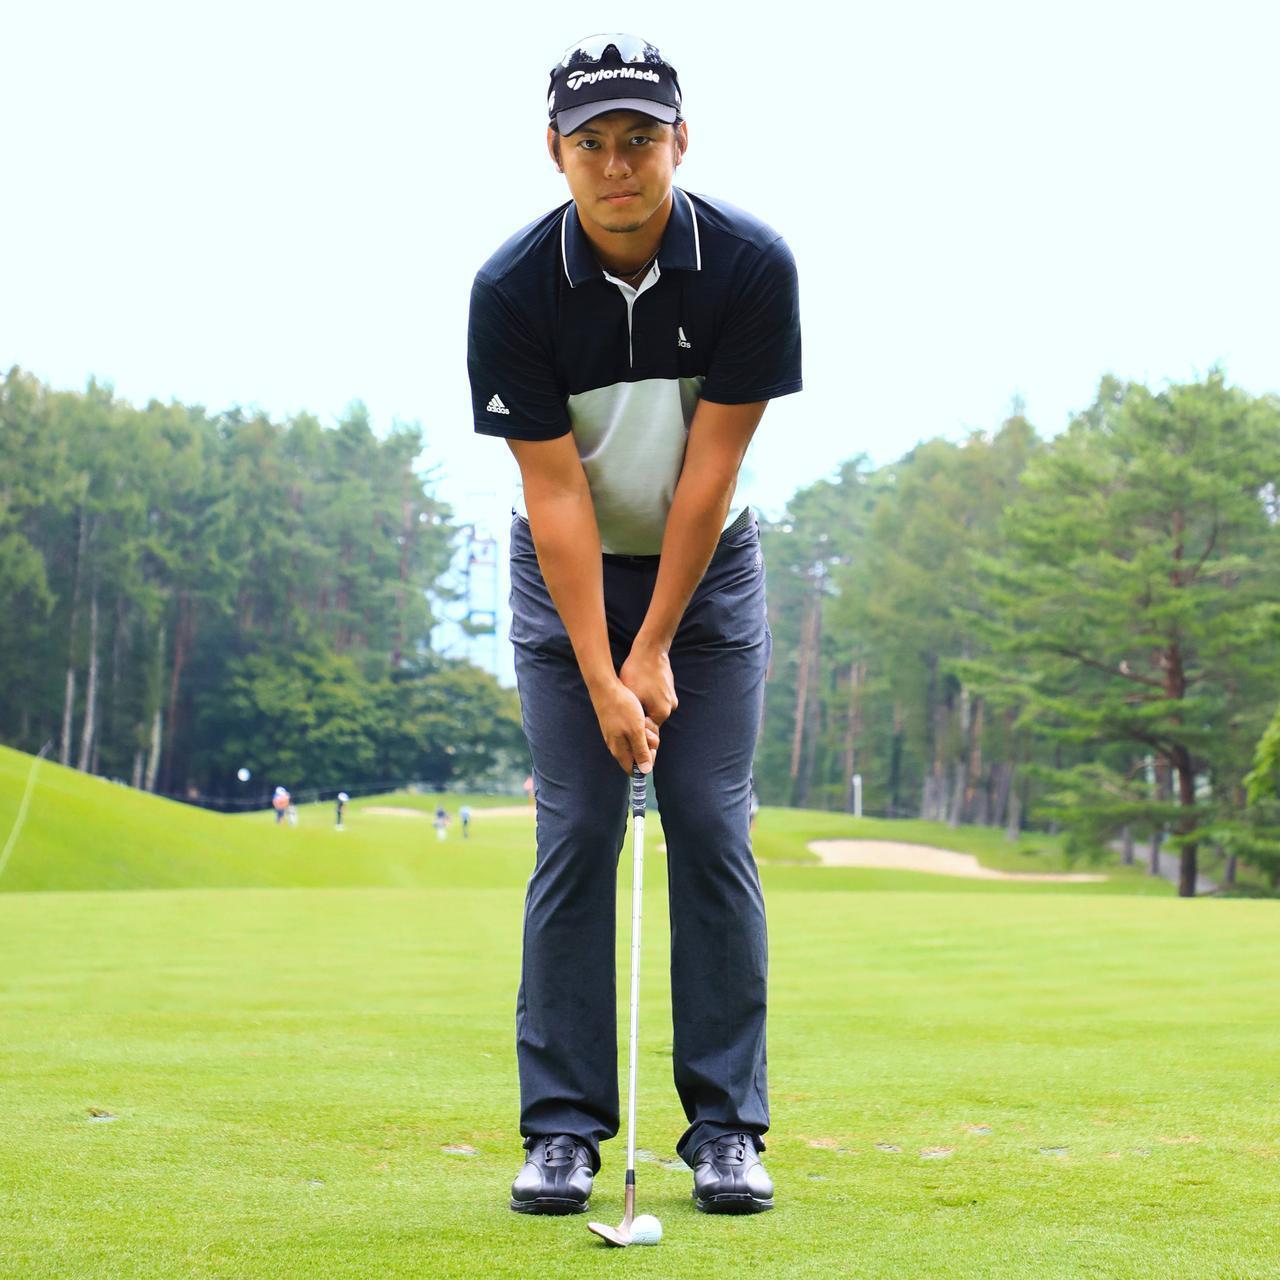 画像: ボールを上げて寄せるときは、グリップエンドが体の中心を指す、ハンドレートの構えに